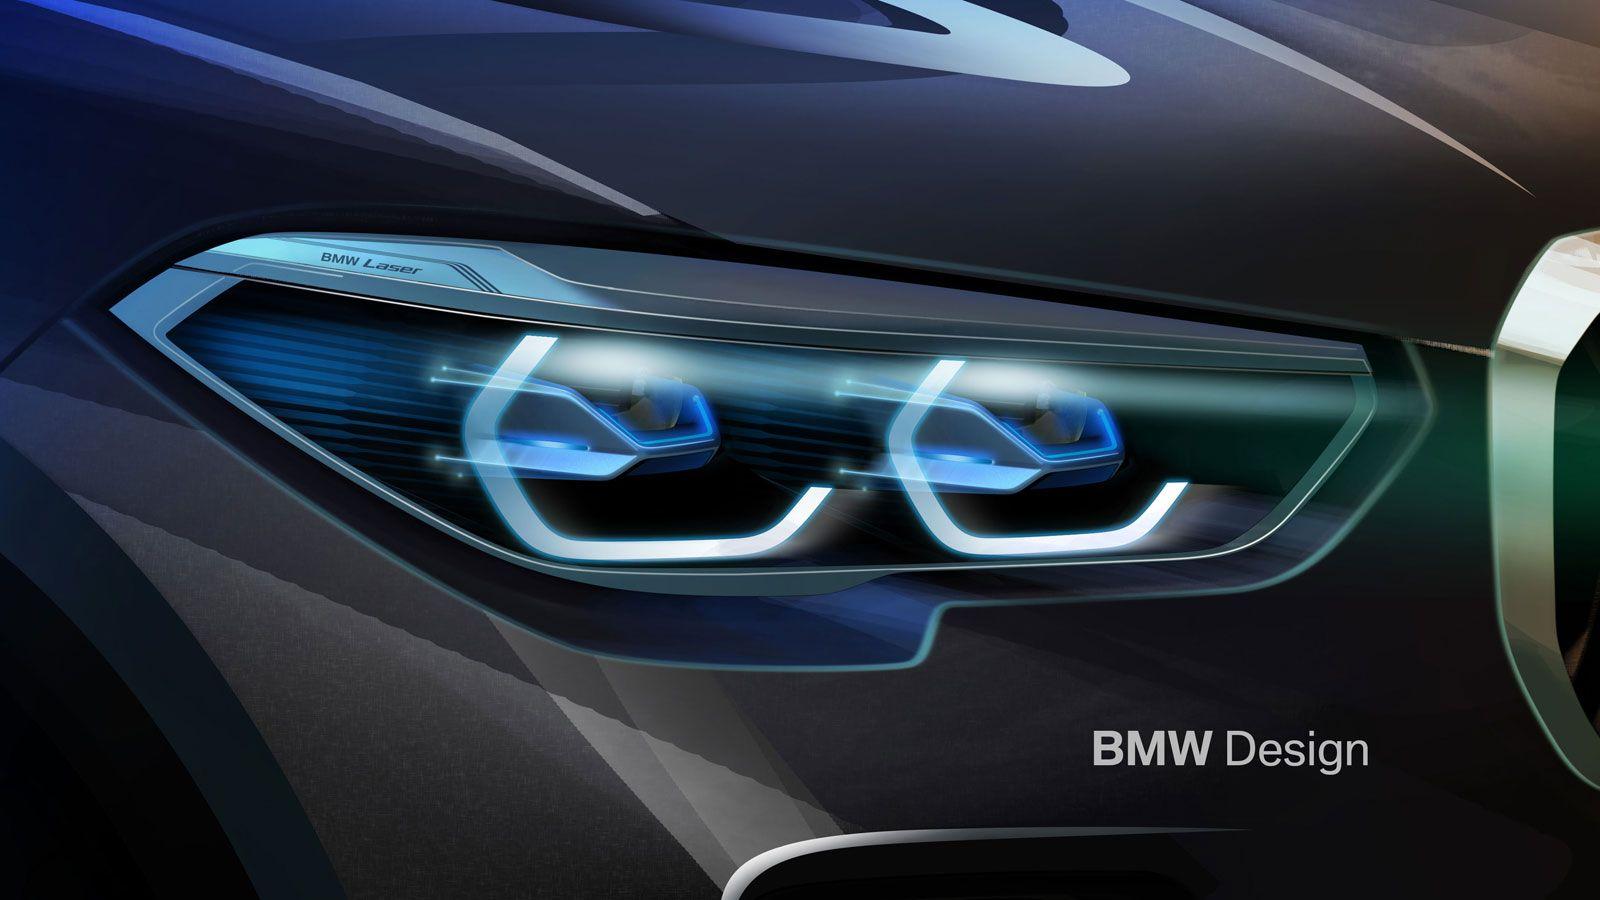 New Bmw X5 Headlight Design Sketch Render Bmw X5 Bmw New Bmw